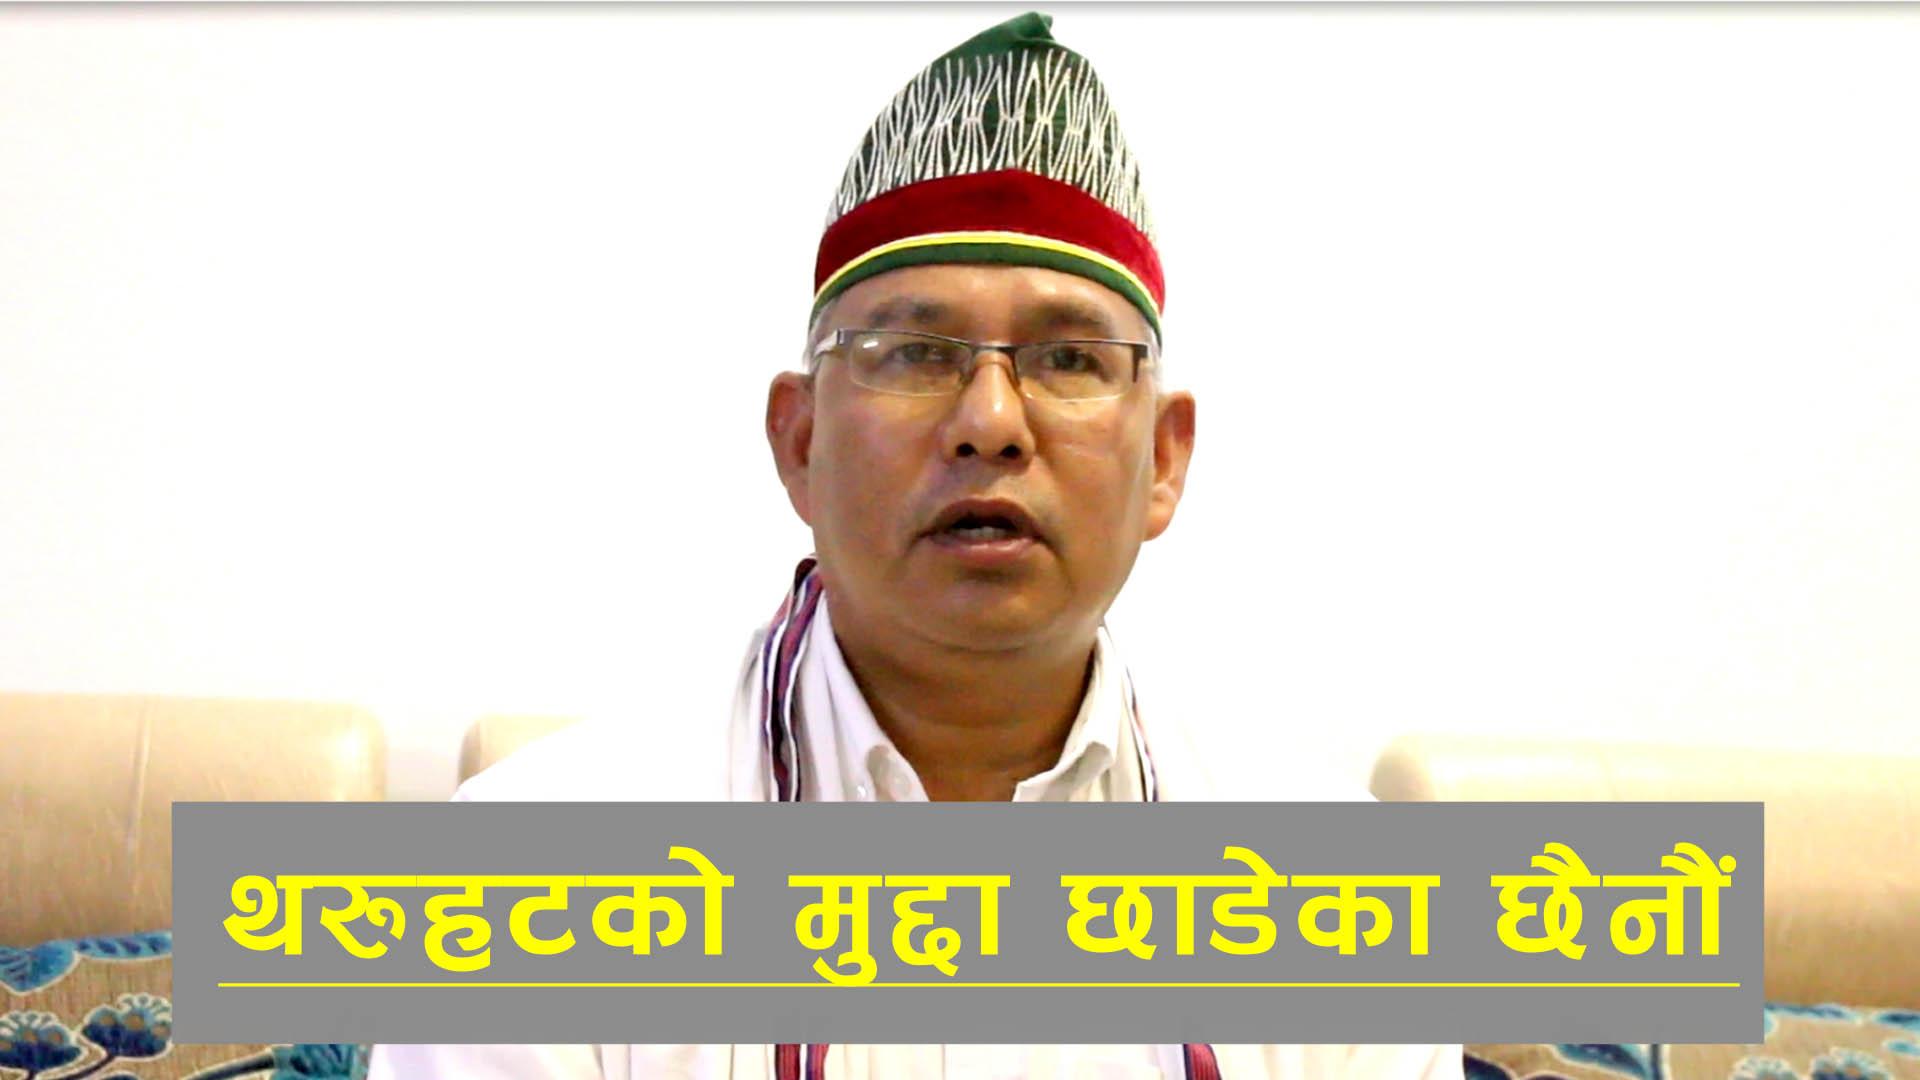 लुम्बिनी प्रदेश कायम भए पनि थरुहटको मुद्दा छाडेका छैनौं : डा. गोपाल दहित